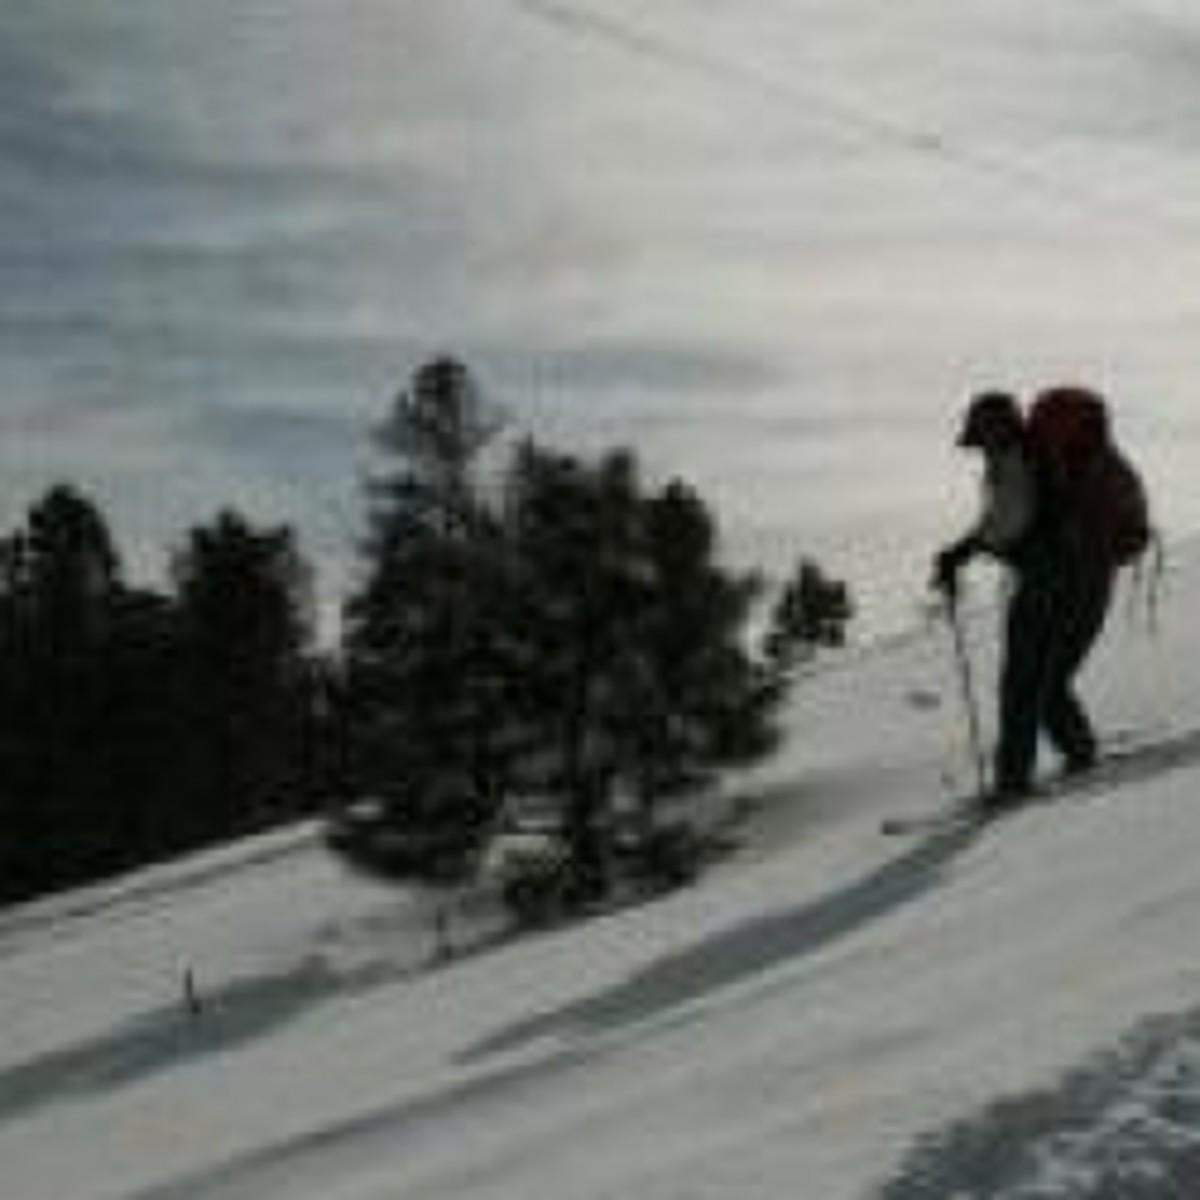 snowshoe-review-msr